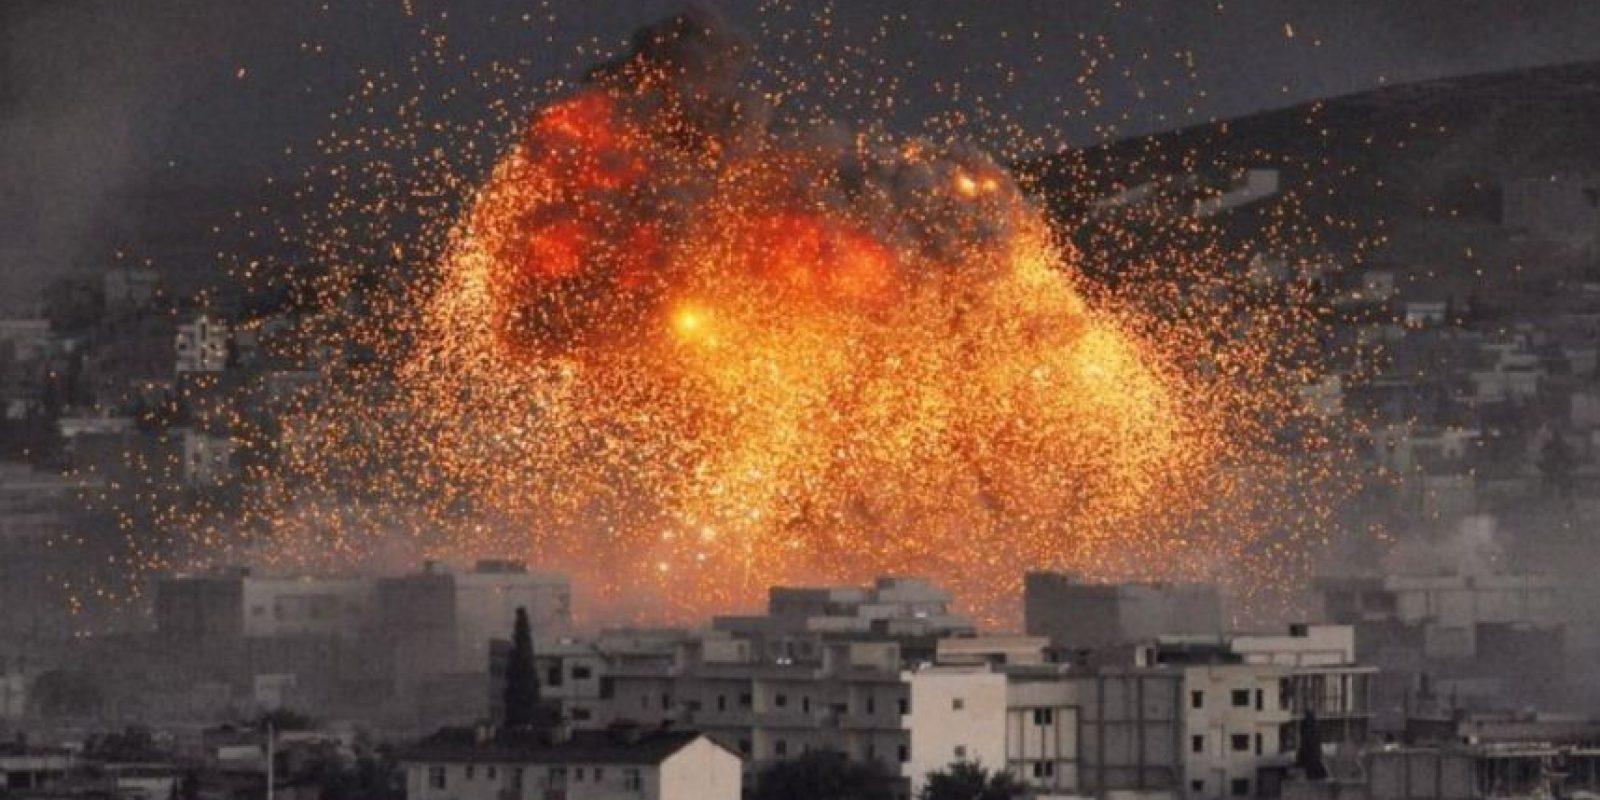 """Estado Islámico pretende ser un estado autosuficiente, por lo que establecerá """"fábricas de producción local militar y de alimentos"""", además de """"zonas seguras aisladas"""" para atender las necesidades locales y ser autosuficientes en suministros. Foto:Getty Images"""